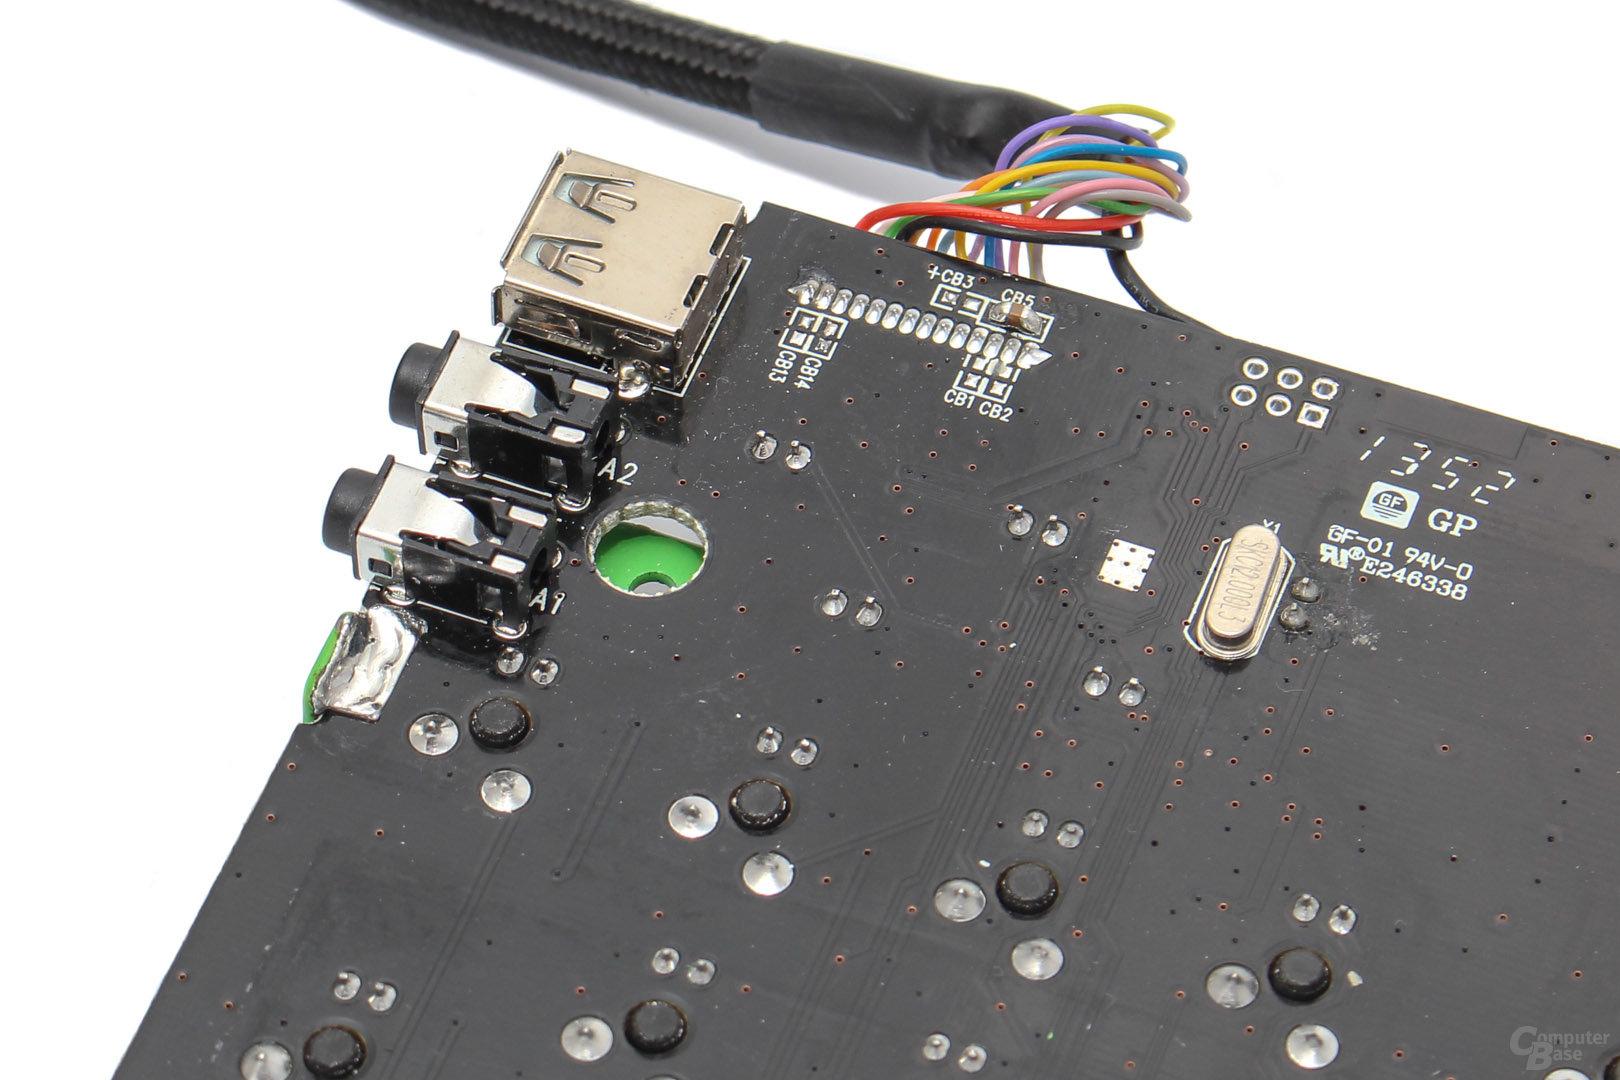 Die I/O-Anschlüsse befinden sich auf der Unterseite des PCBs